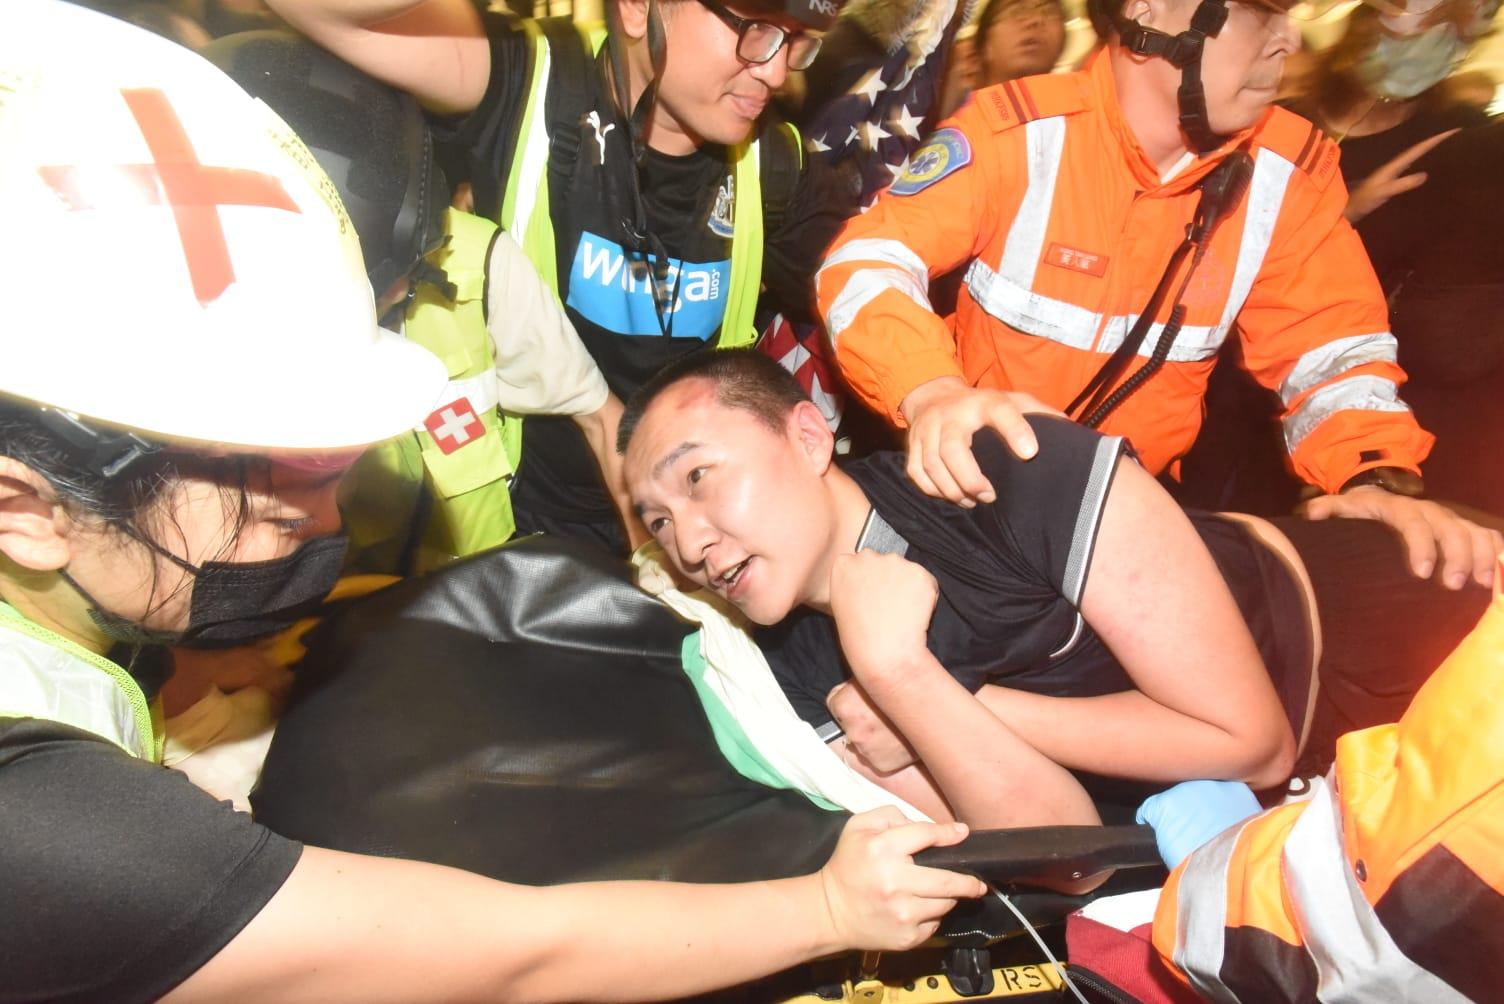 《環時》記者被示威者用膠帶綁起。 資料圖片